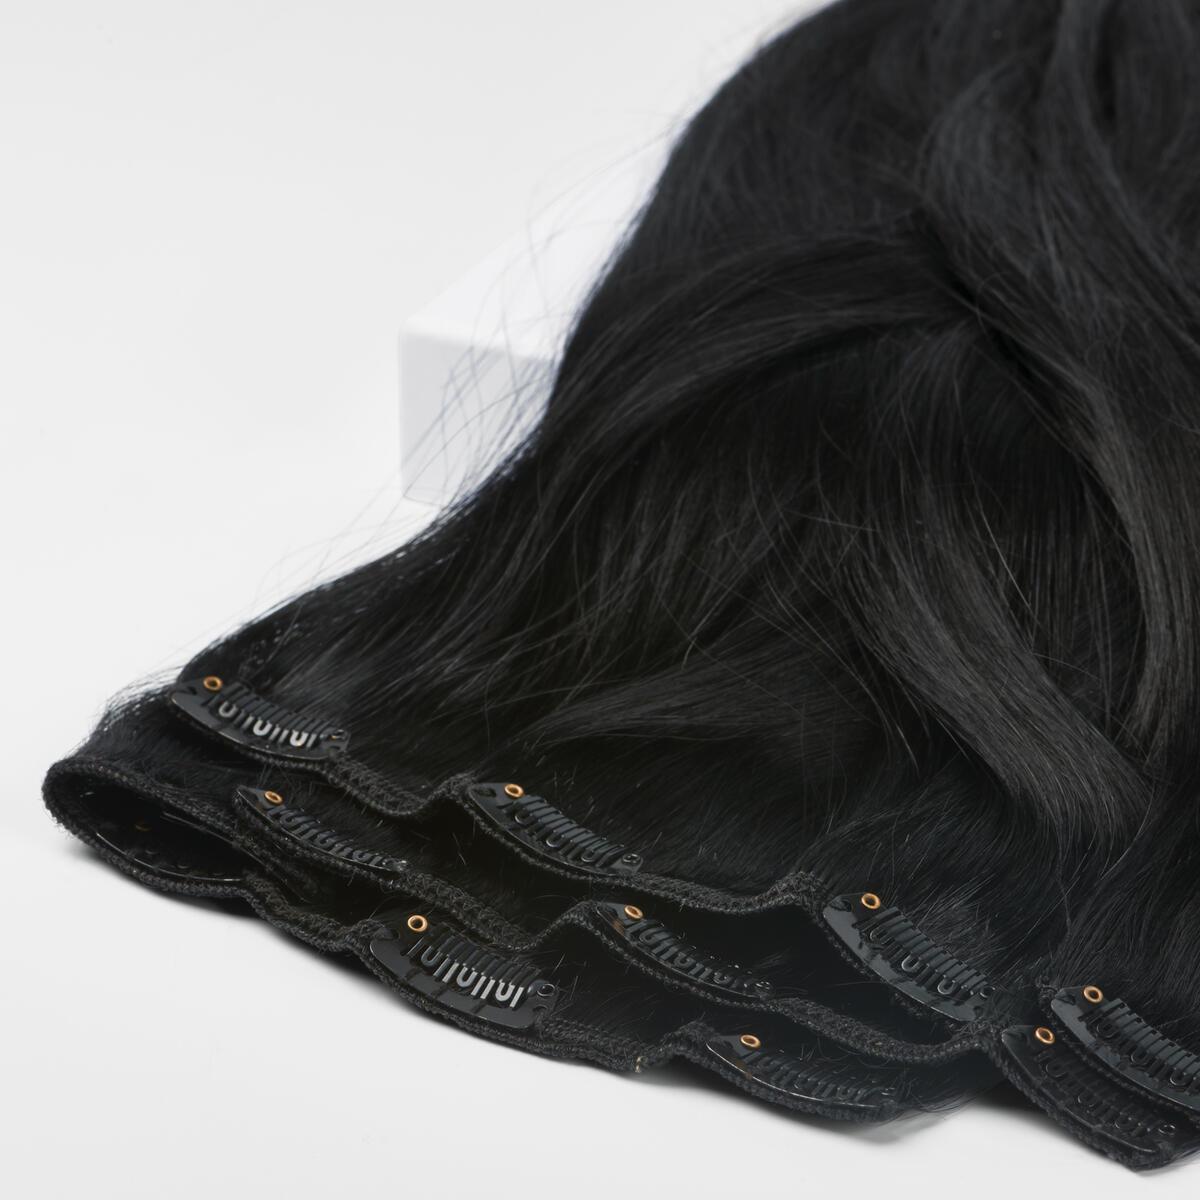 Clip-on set 1.0 Black 60 cm